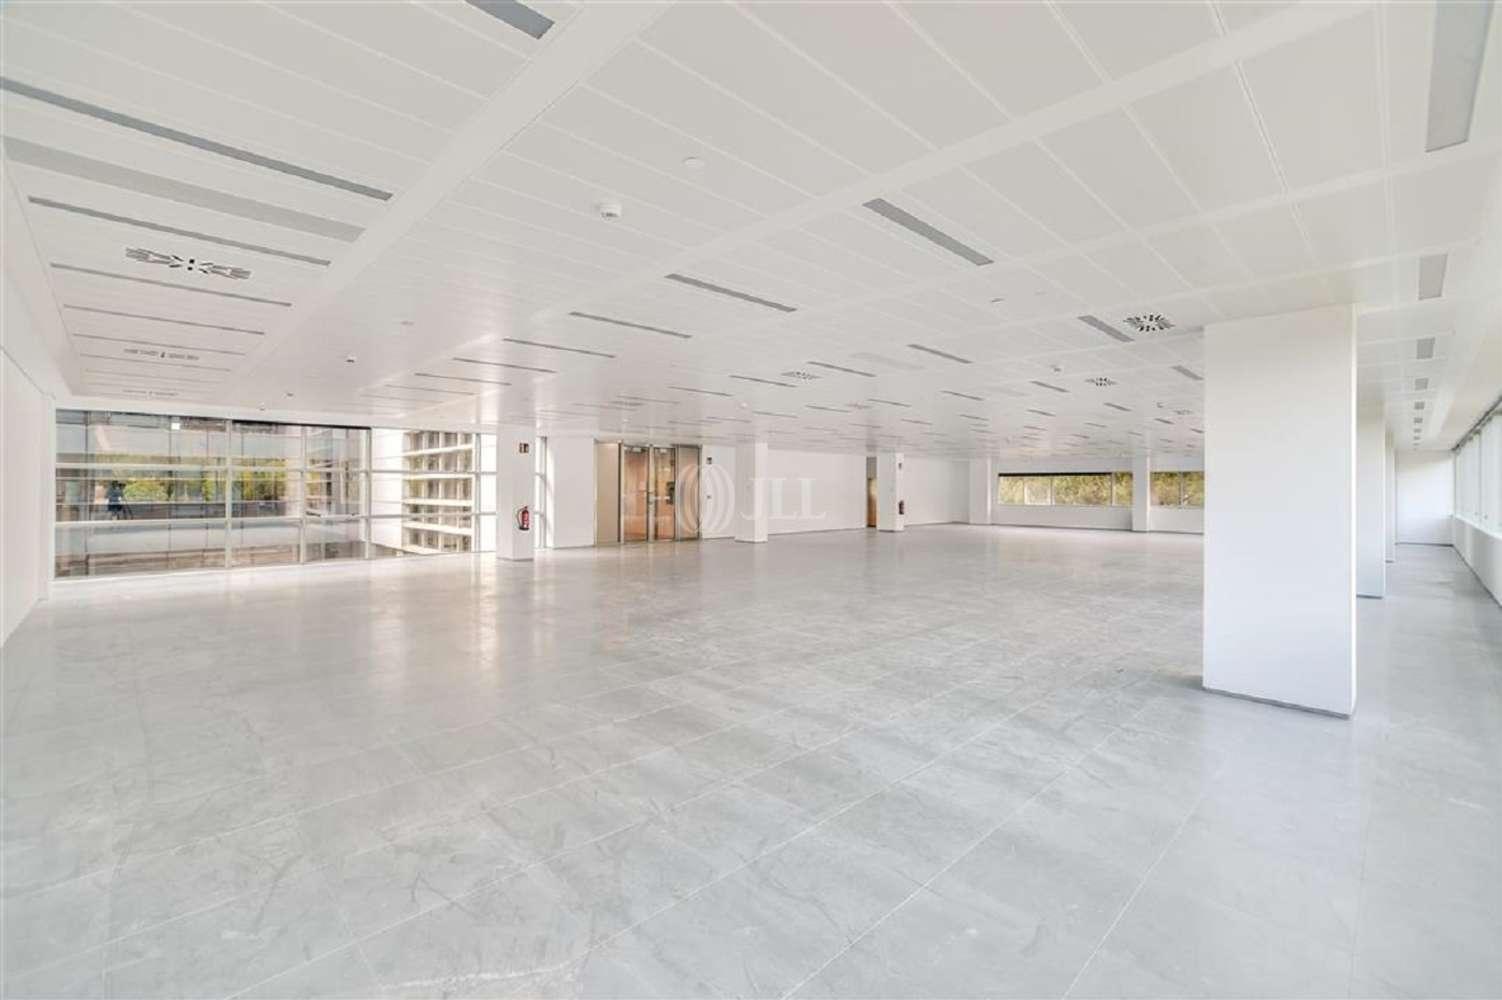 Oficina Sant cugat del vallès, 08174 - SANT CUGAT NORD - Edifici A - 18011